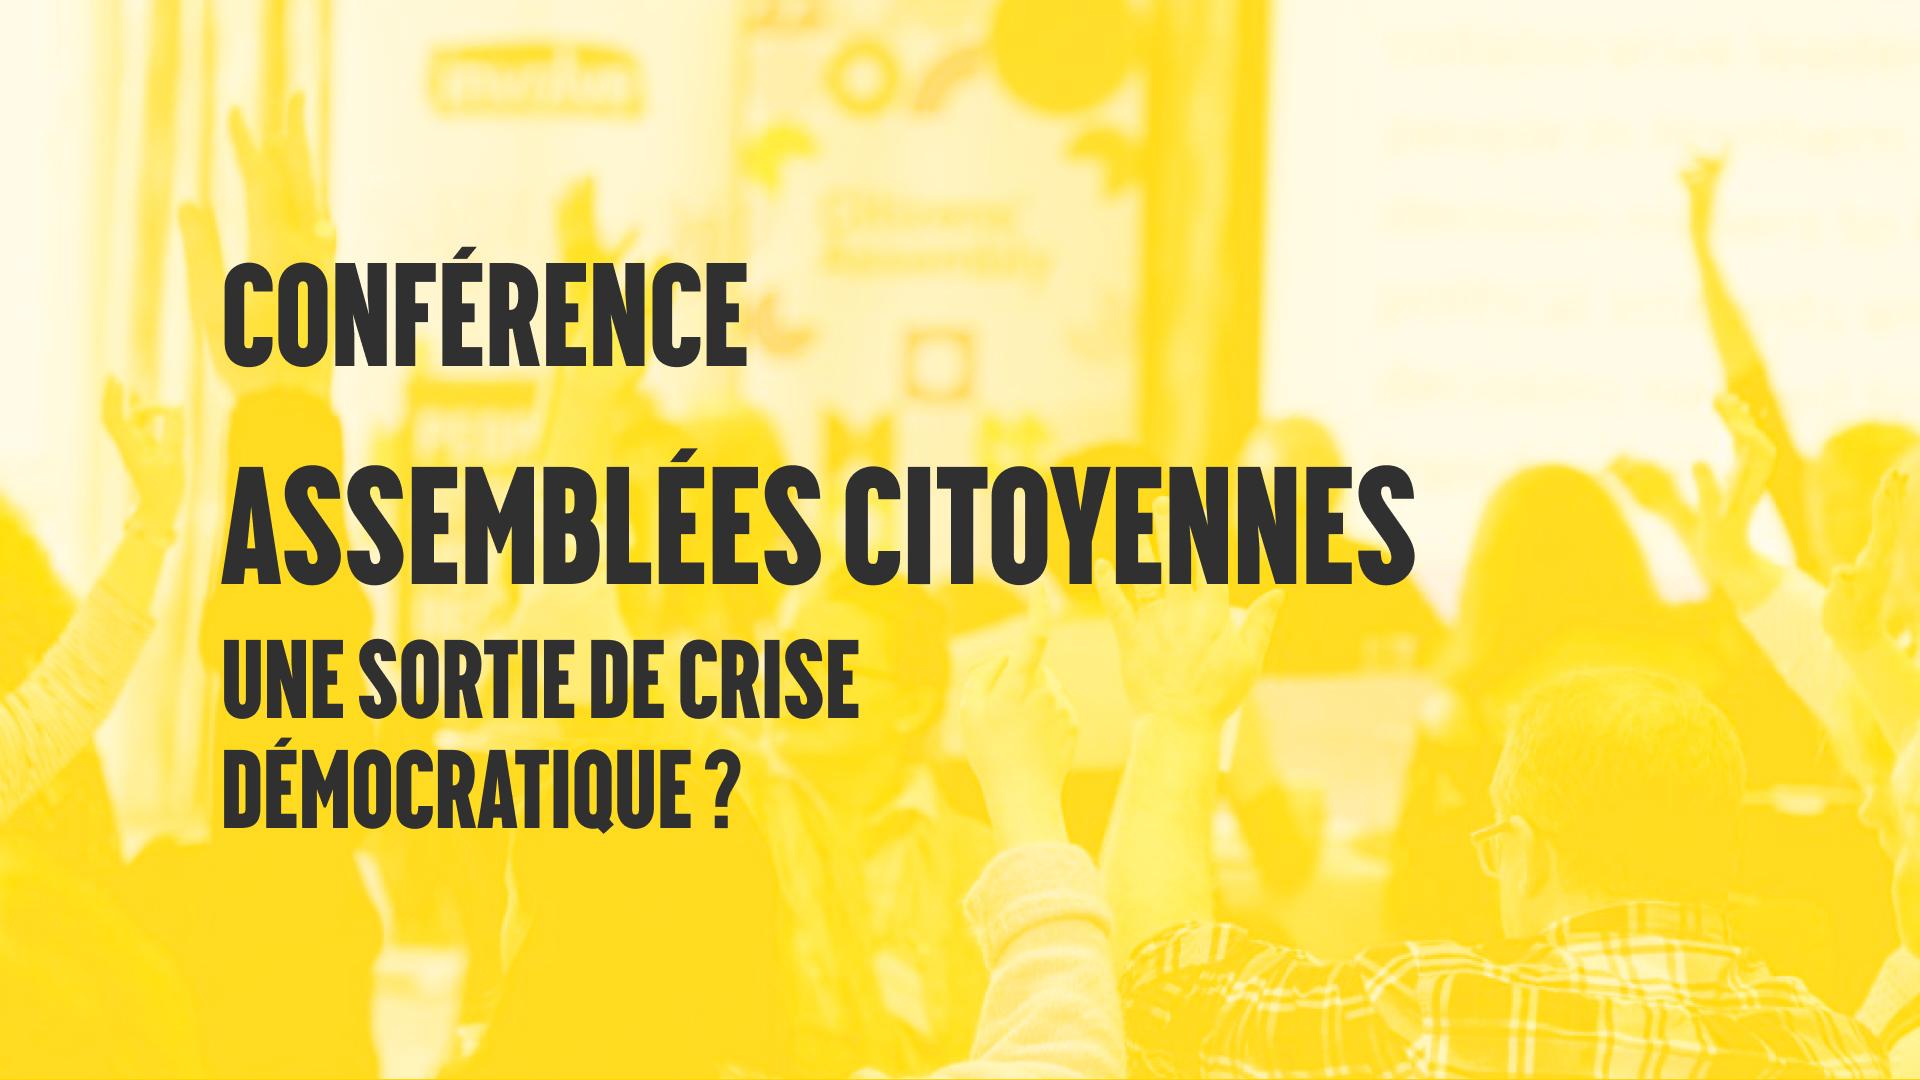 Conférence sur les Assemblées Citoyennes – une sortie de crise démocratique?